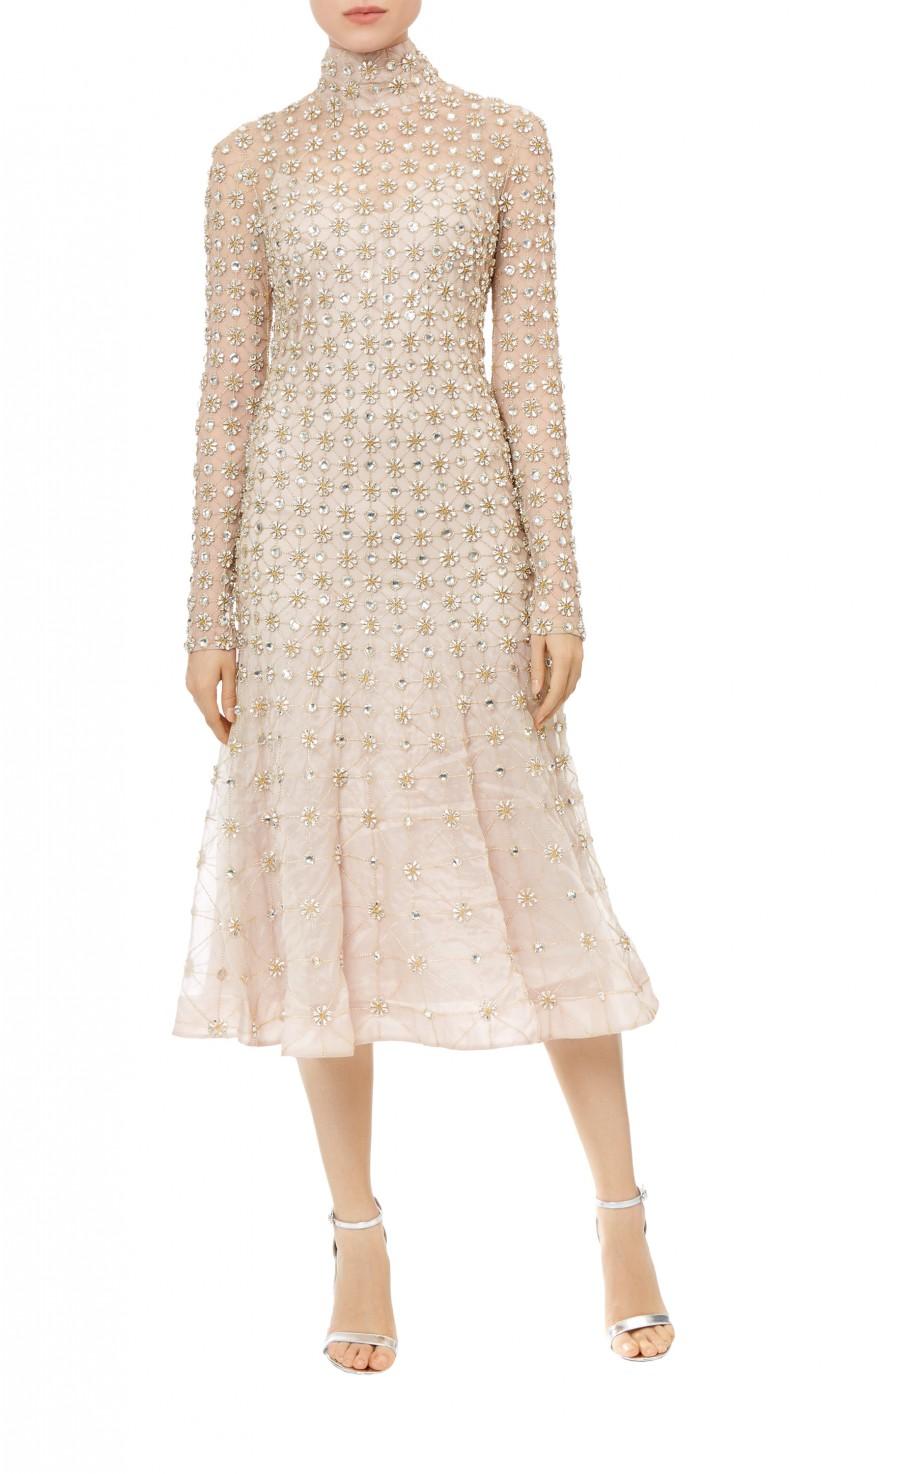 16w90451666nu_midi_crossbone_lattice_dress_1